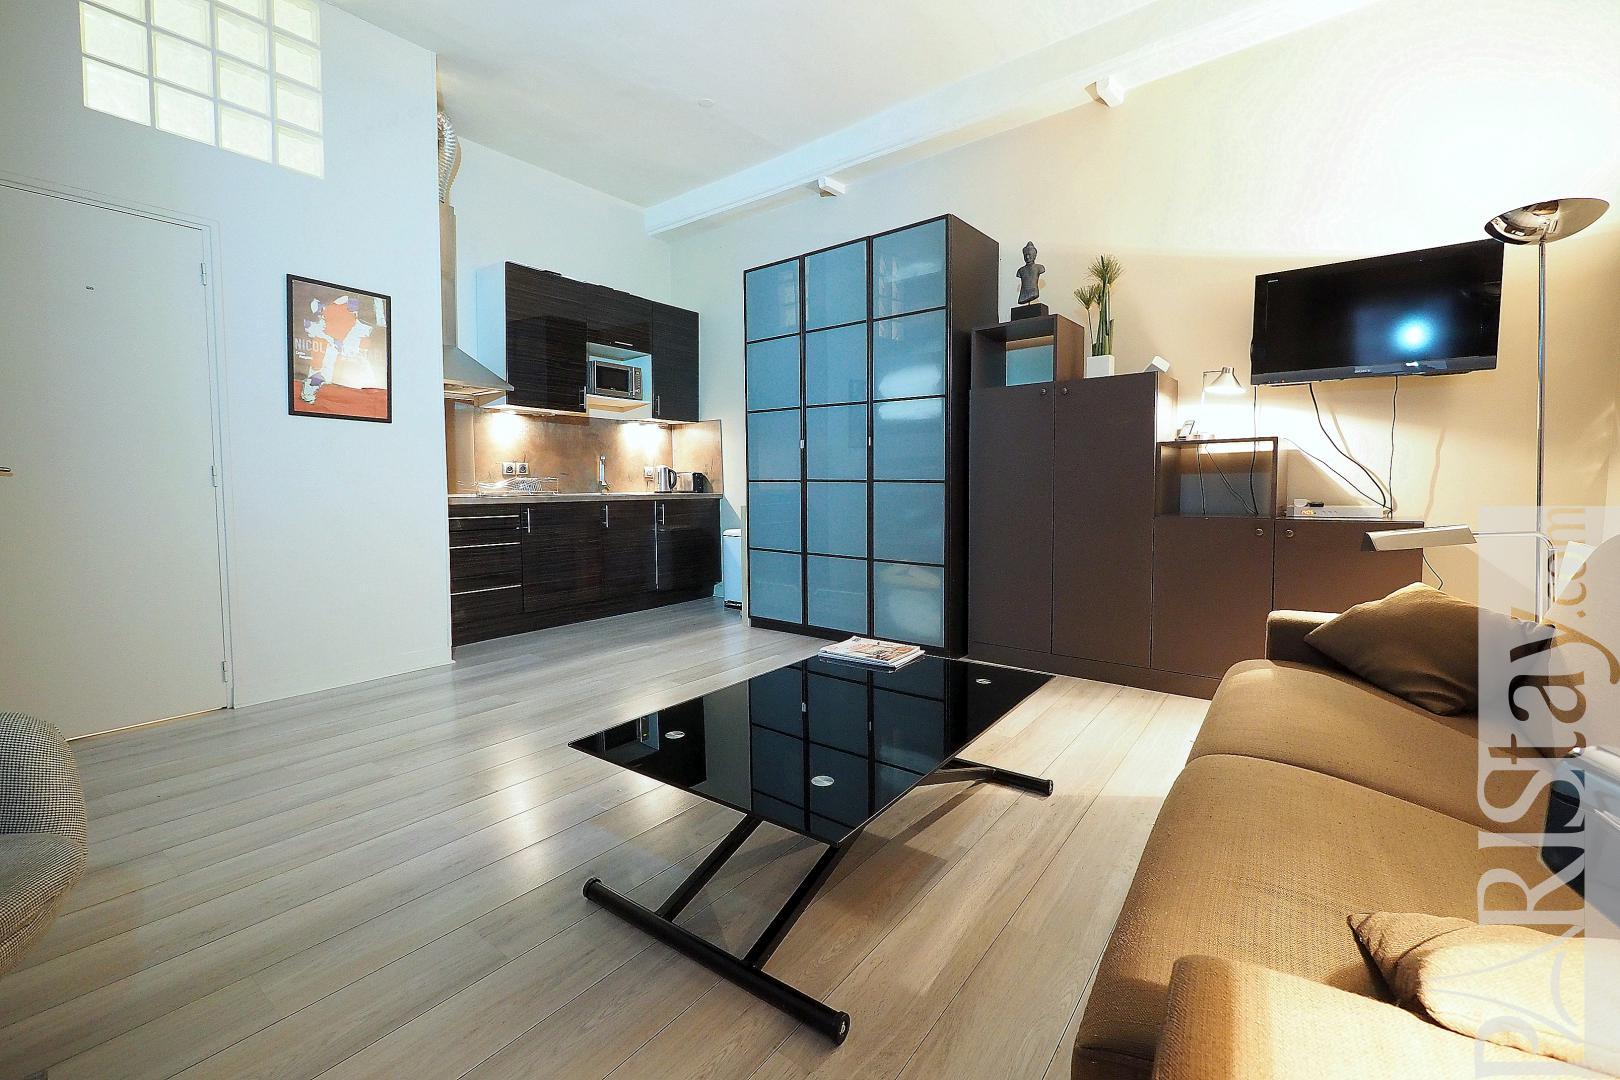 Location appartement meubles paris montorgueil 75002 t1 for Location paris meuble